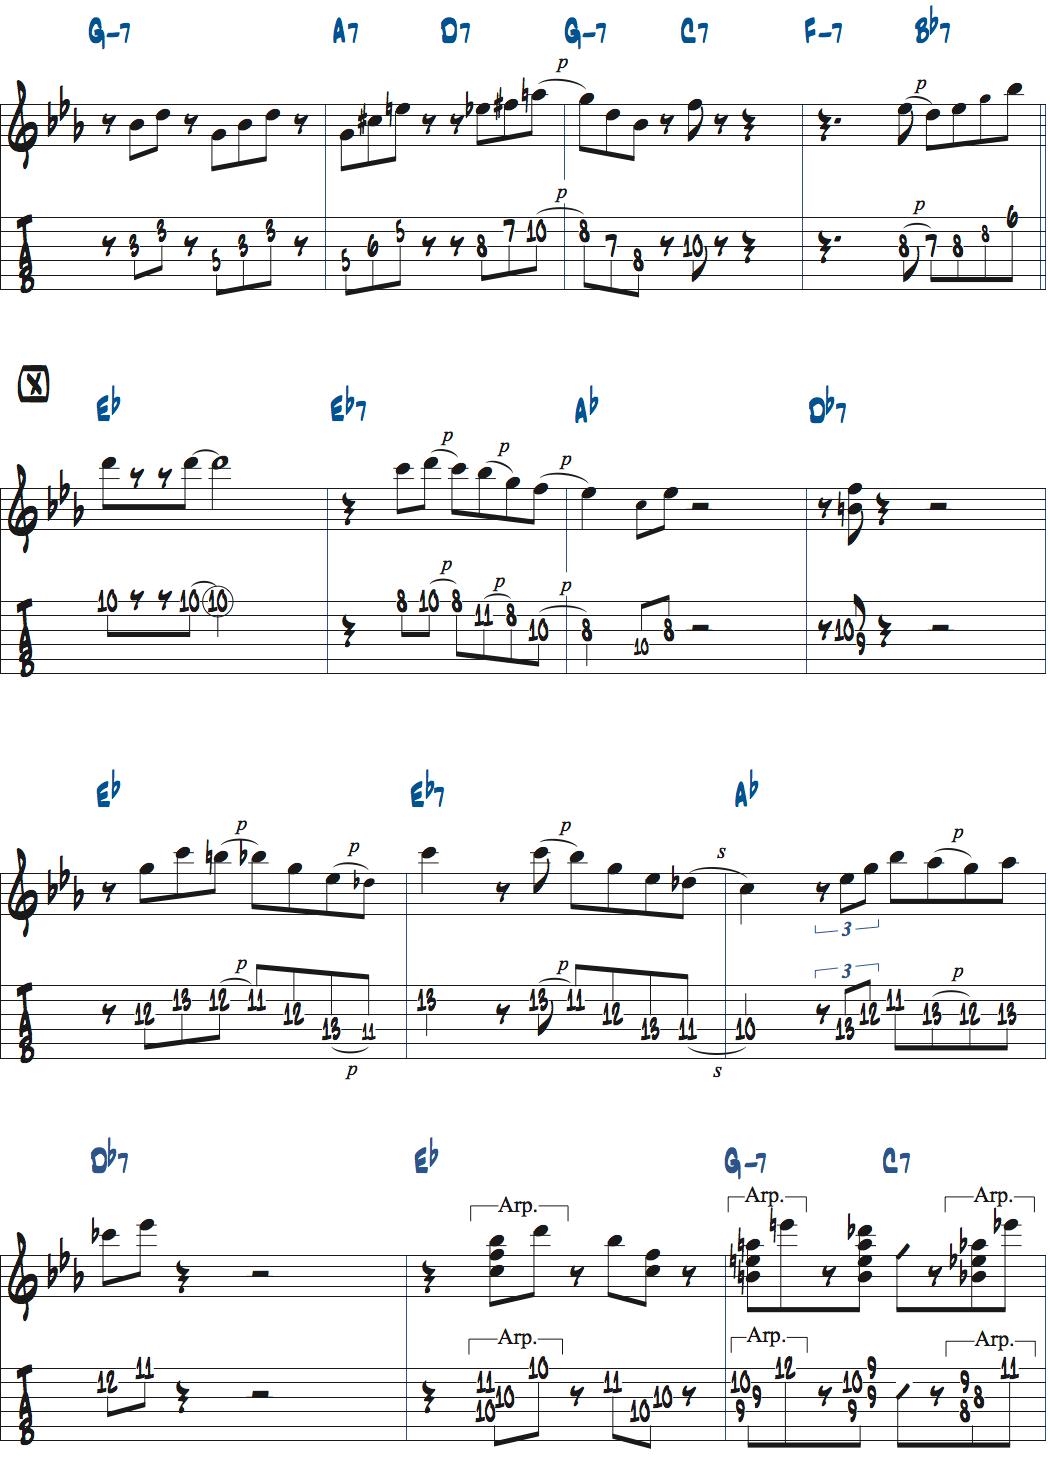 ジムホールのWithout a Songアドリブ2コーラス目楽譜ページ4